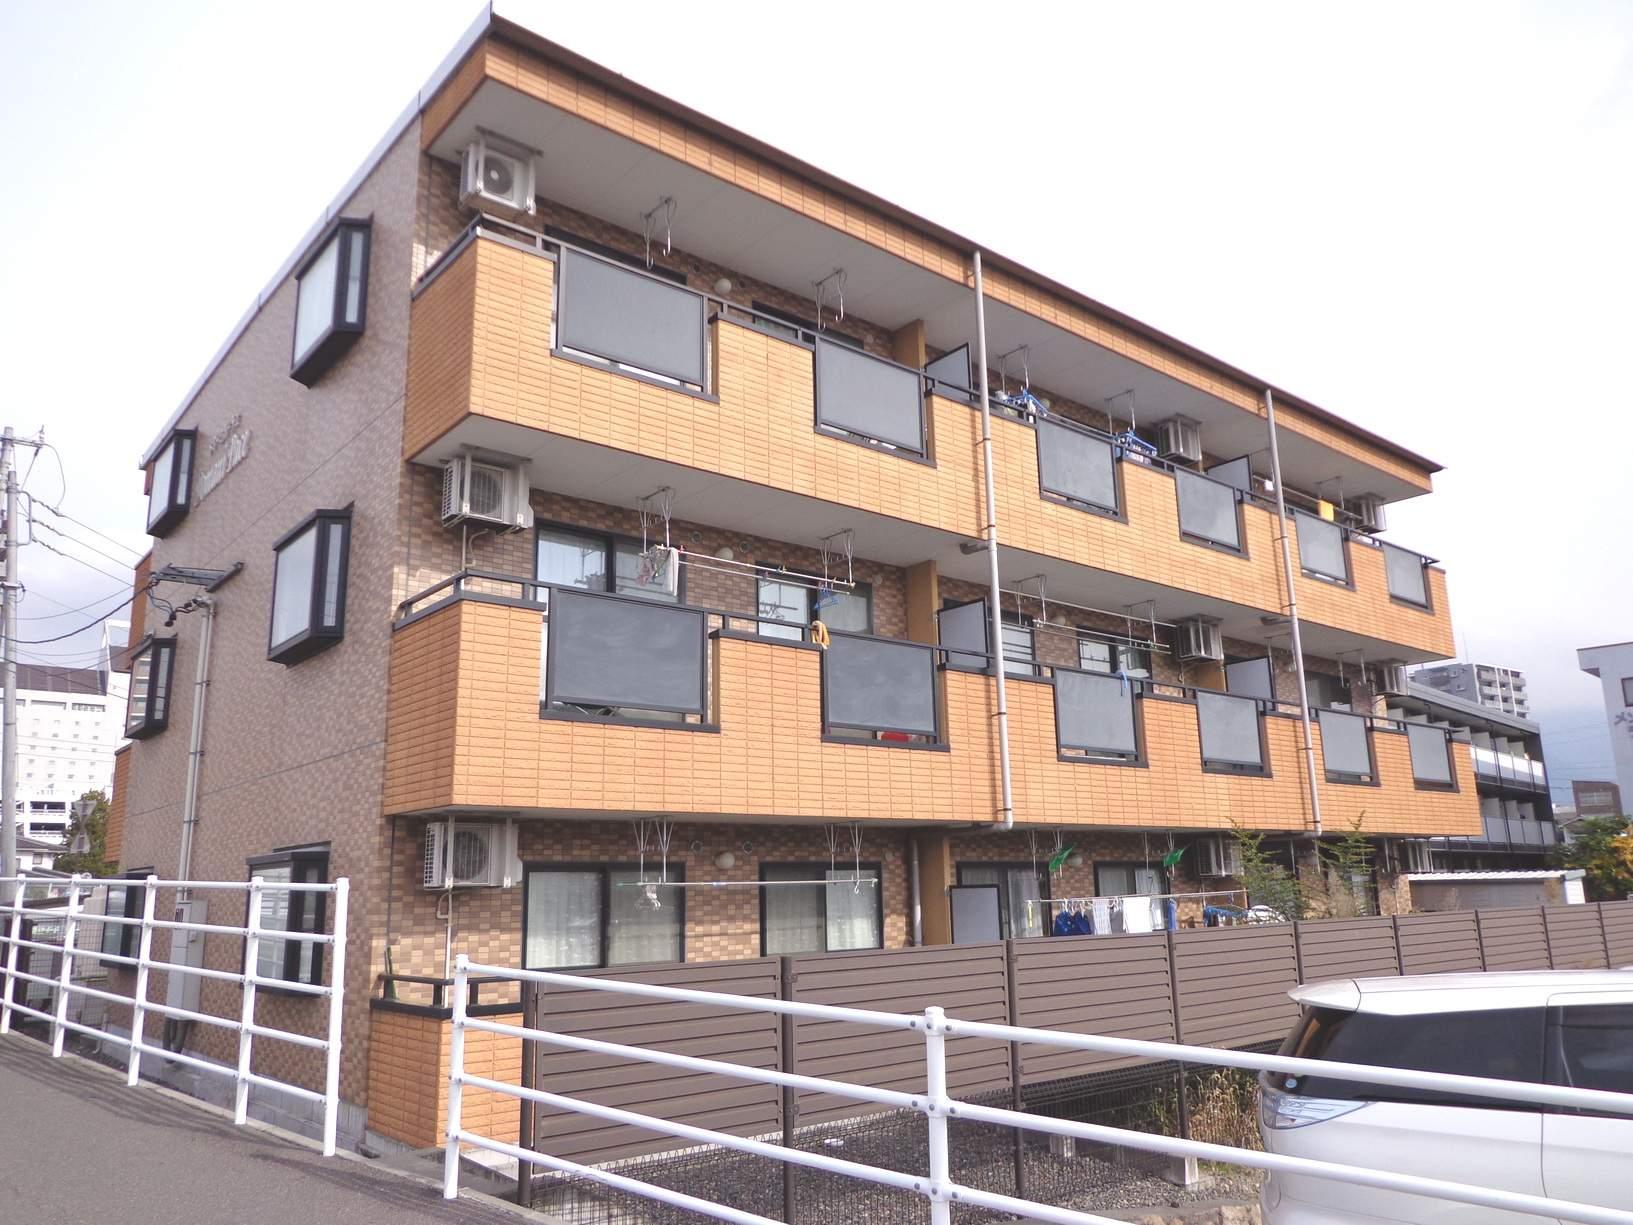 長野県松本市、松本駅徒歩11分の築15年 3階建の賃貸マンション